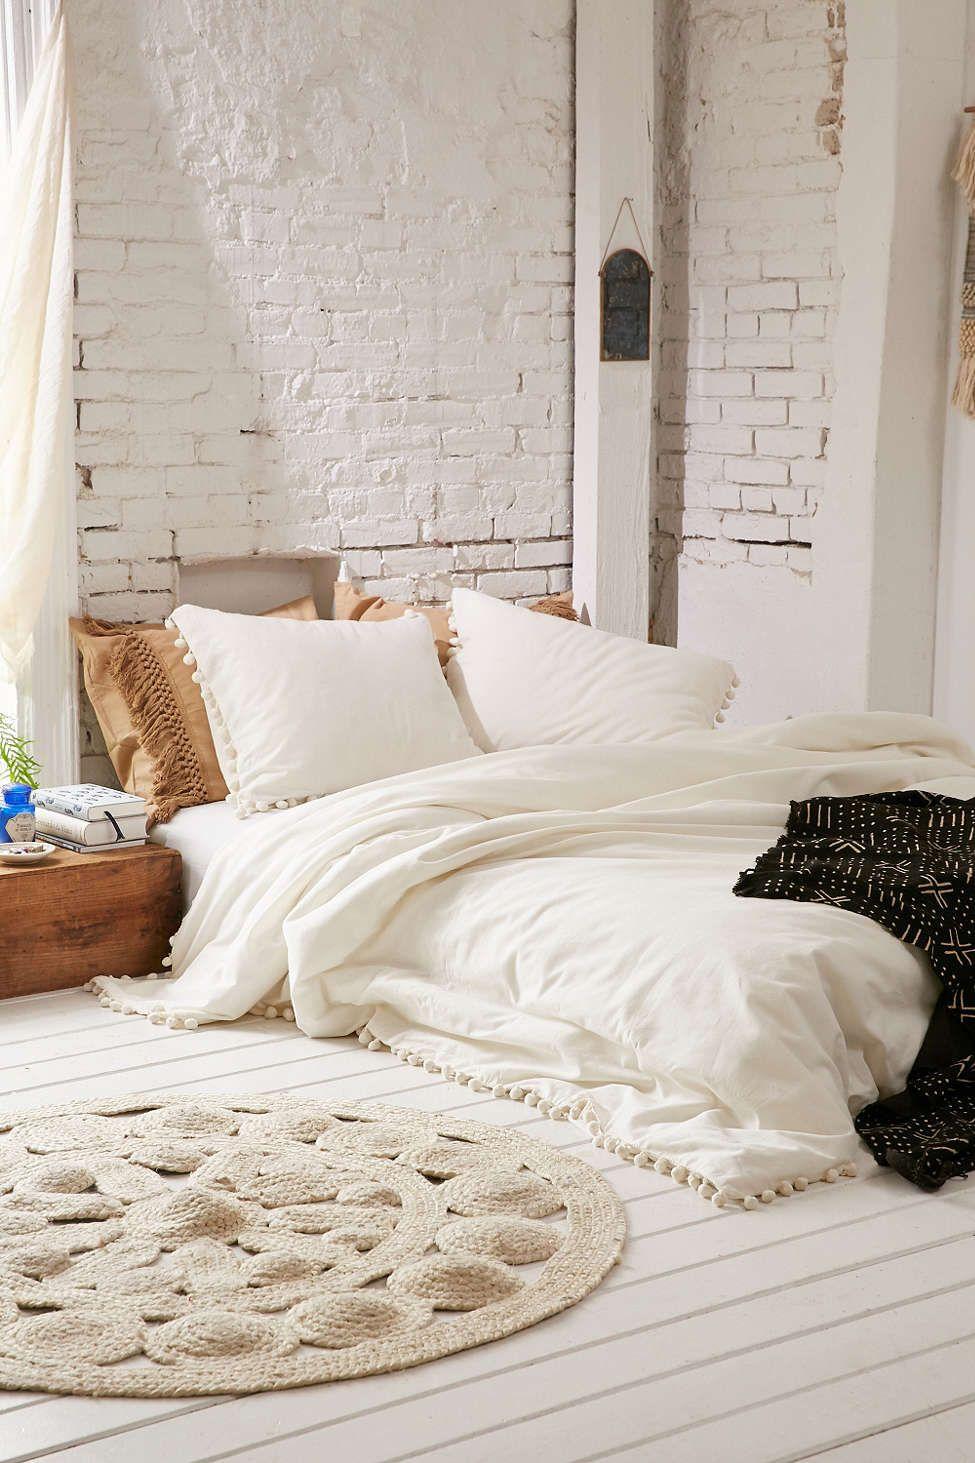 How Often Do You Update Your Bedding | Letti, Stanza da letto e Case